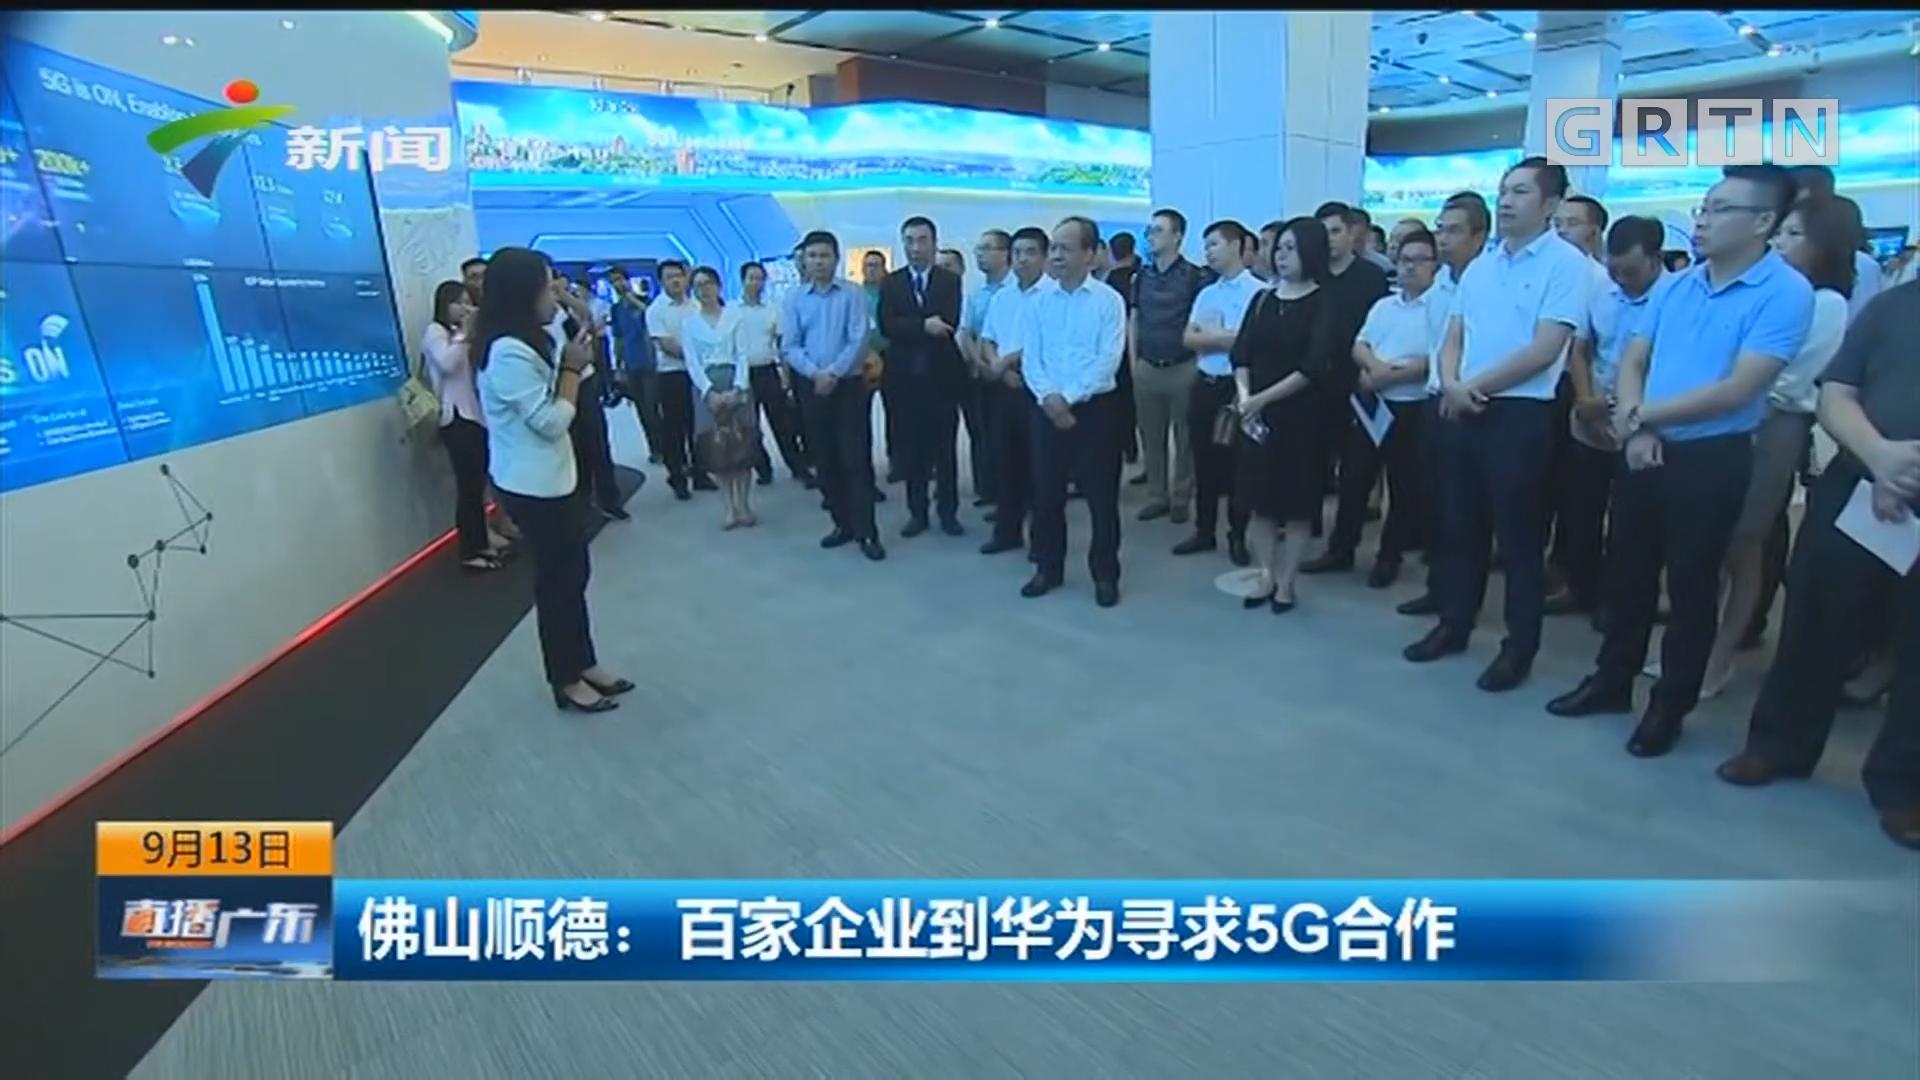 佛山顺德:百家企业到华为寻求5G合作